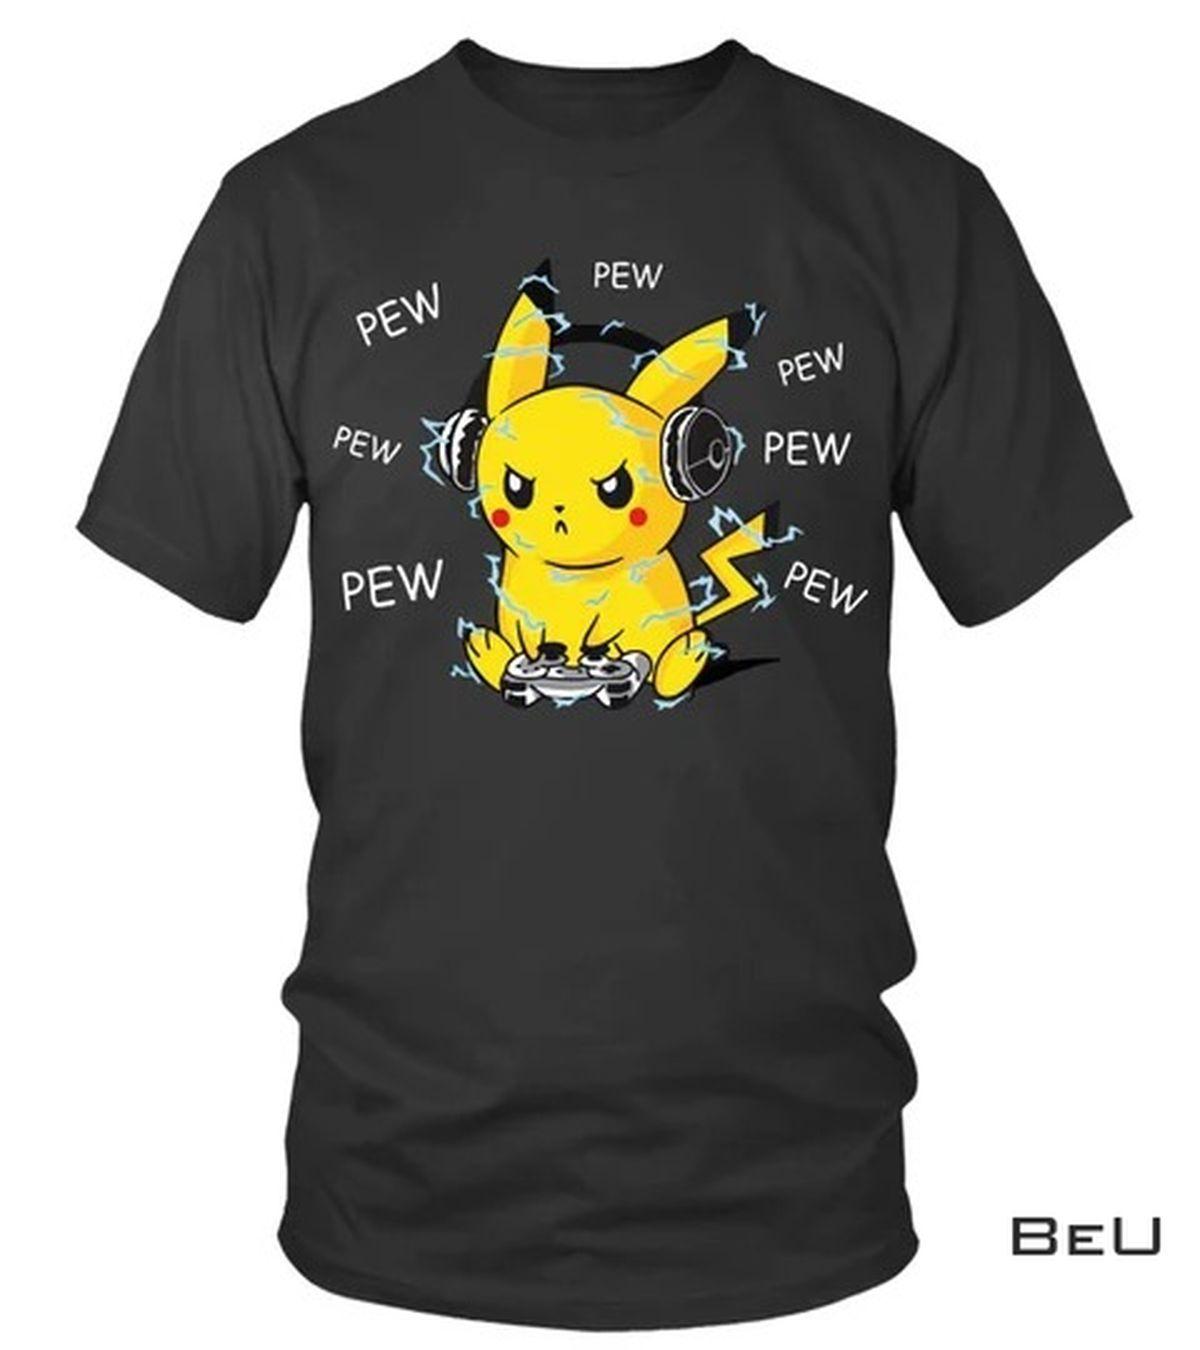 Free Ship Pokemon Pikachu Playing Game Pew Pew Pew Shirt, hoodie, tank top